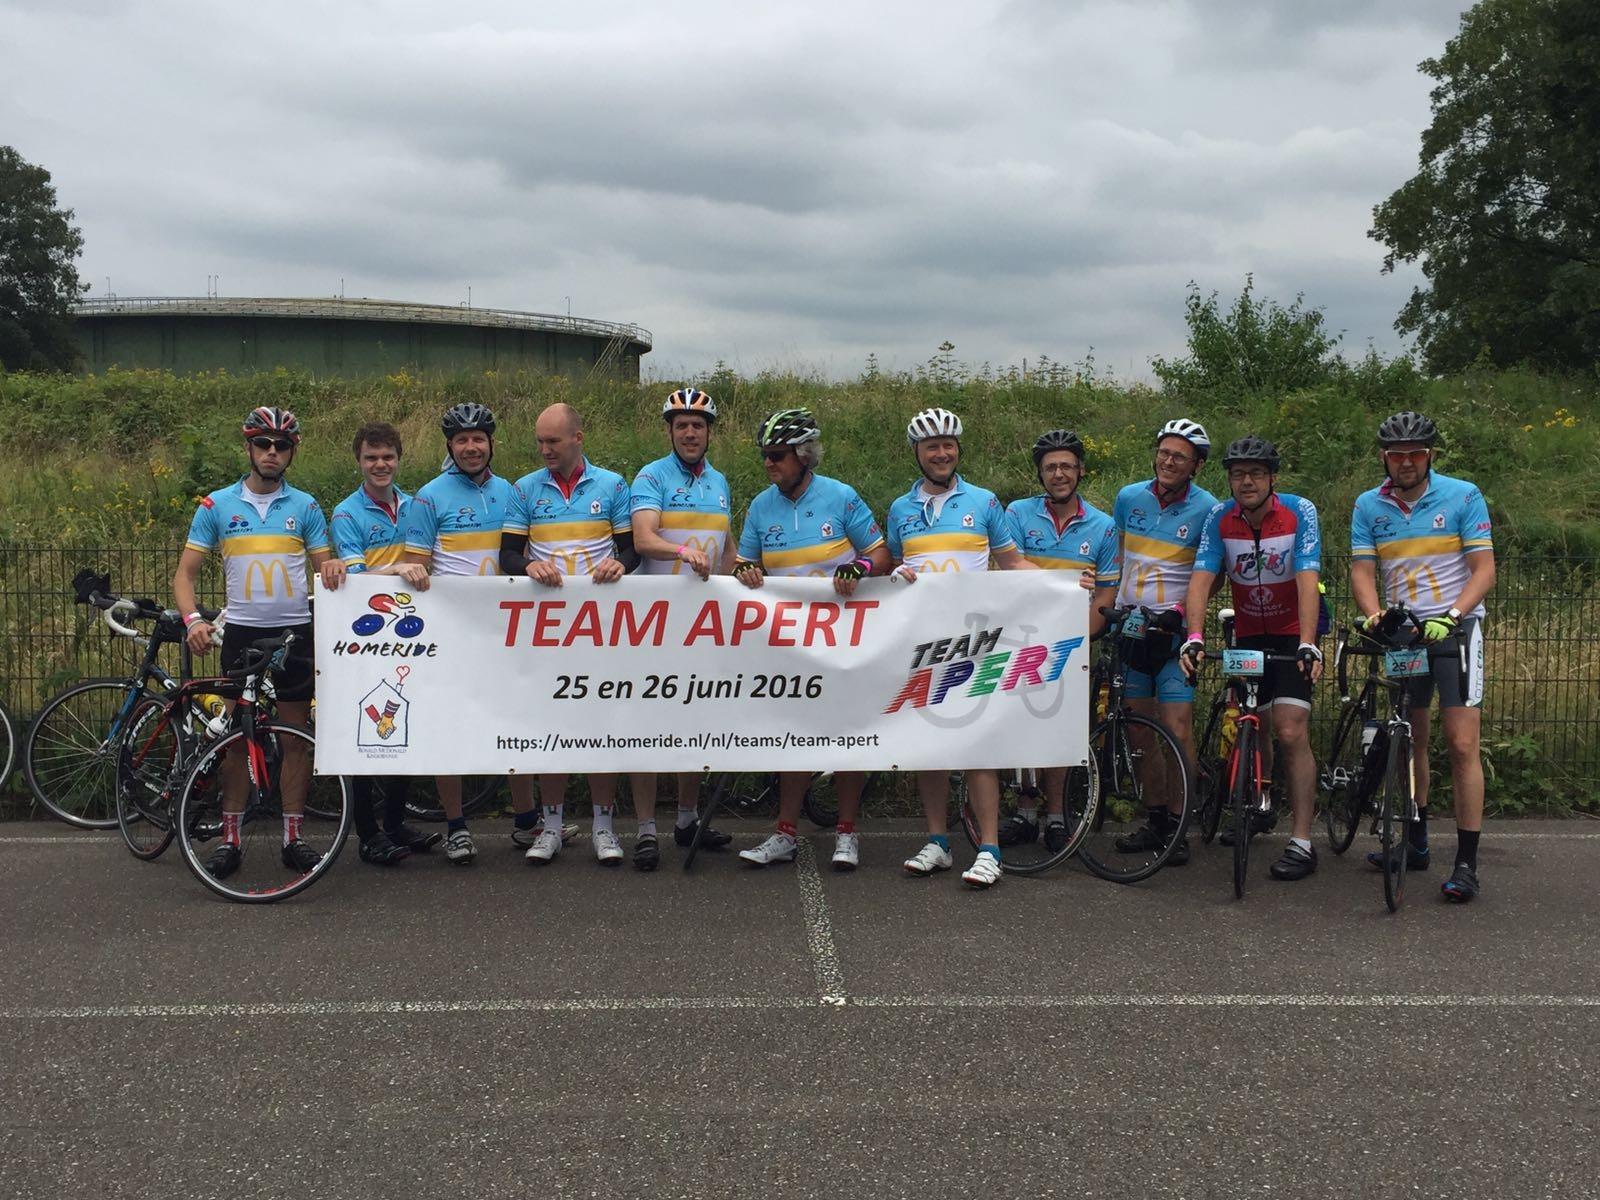 team-apert-8219